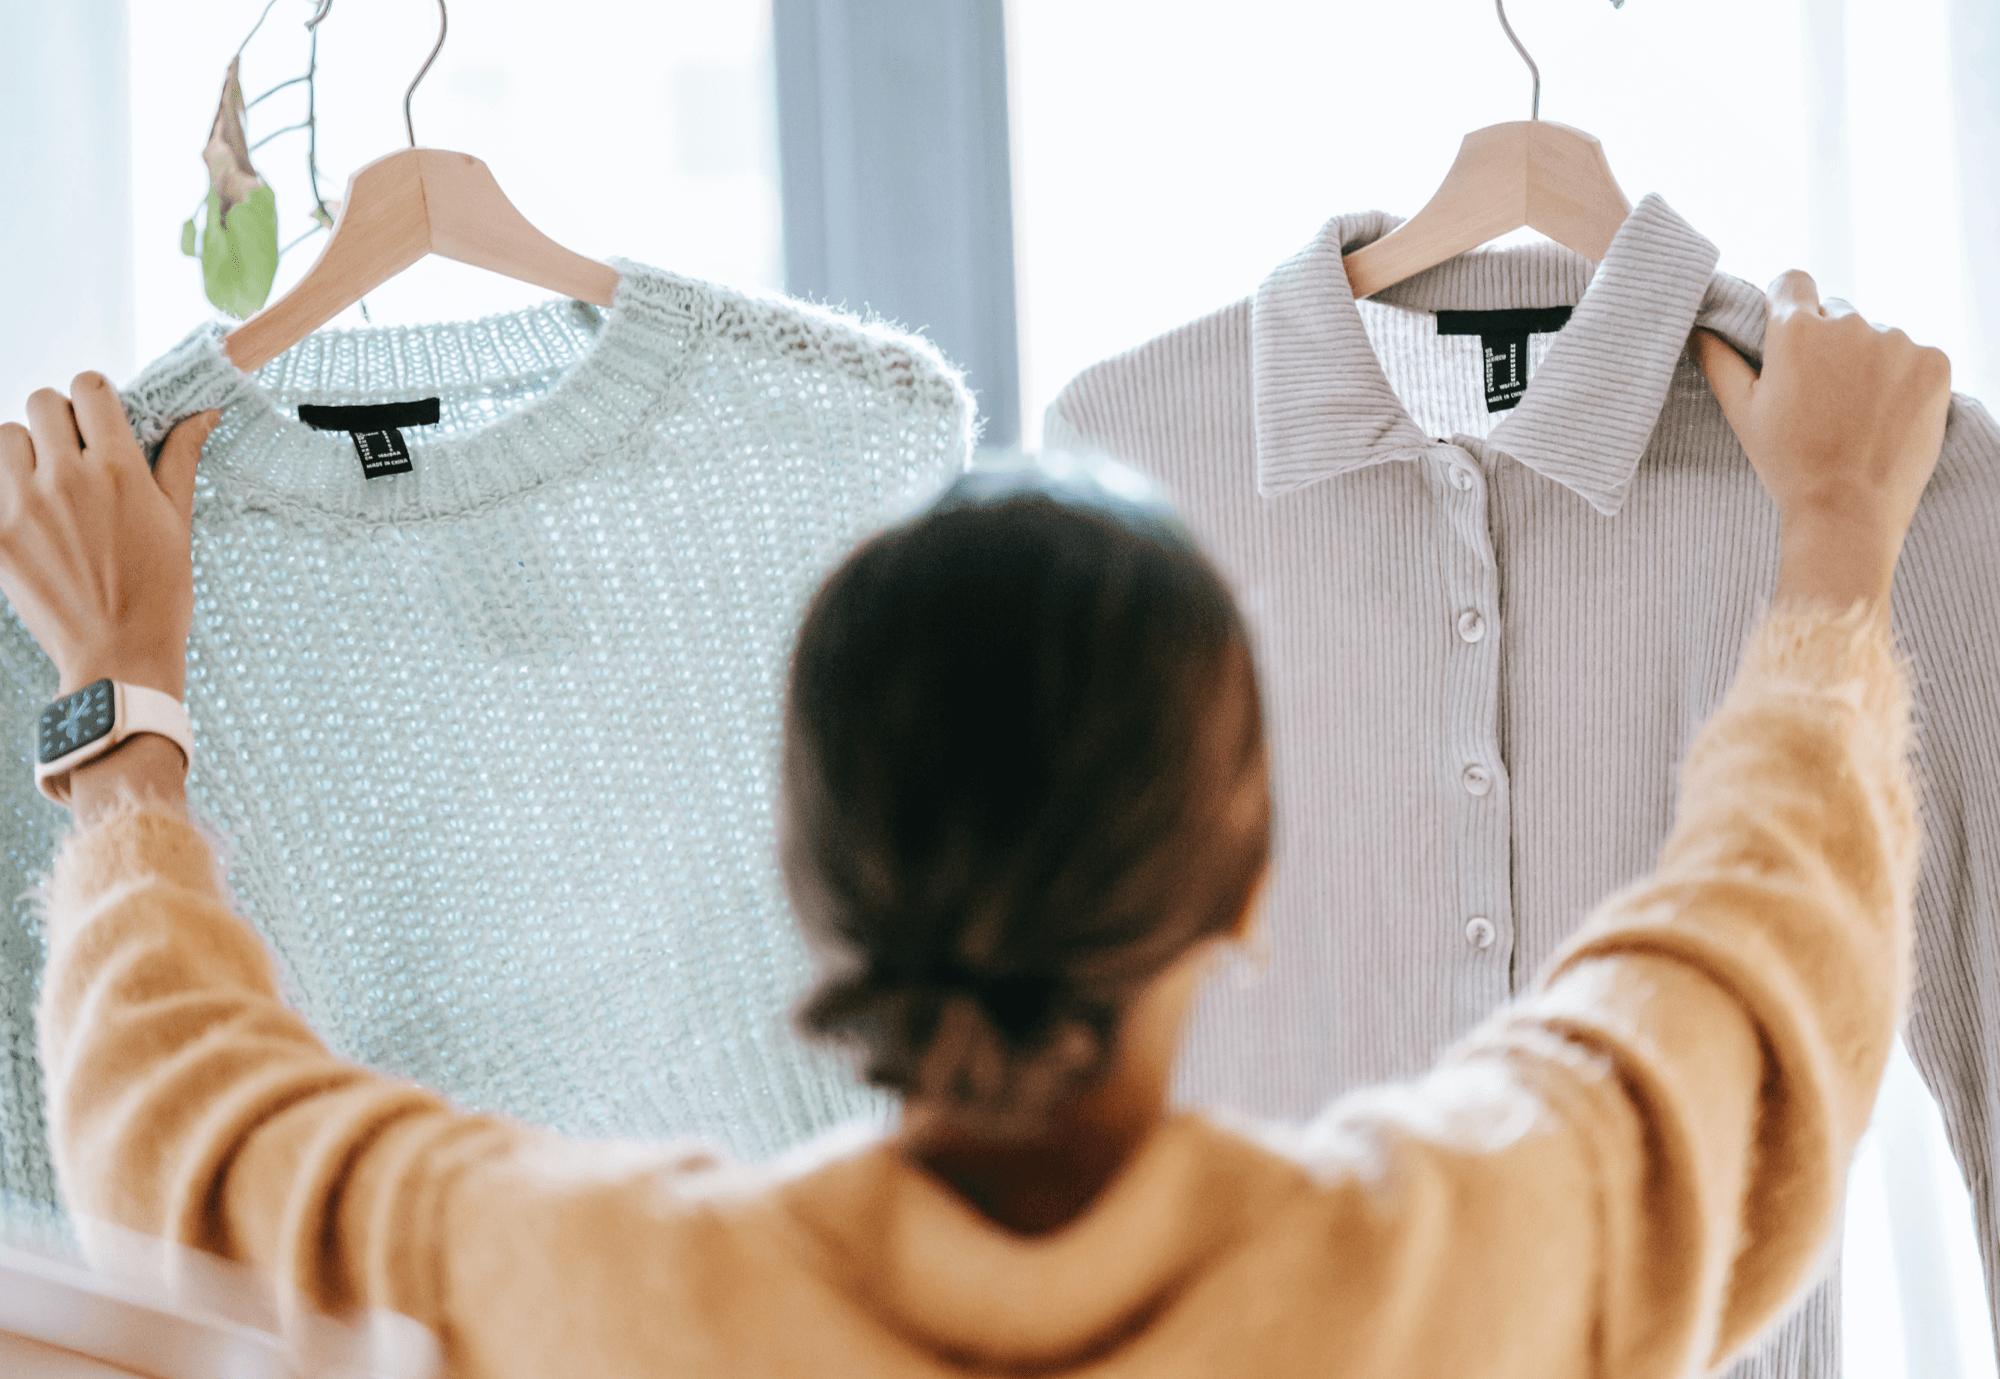 Frau wählt Kleidung aus.